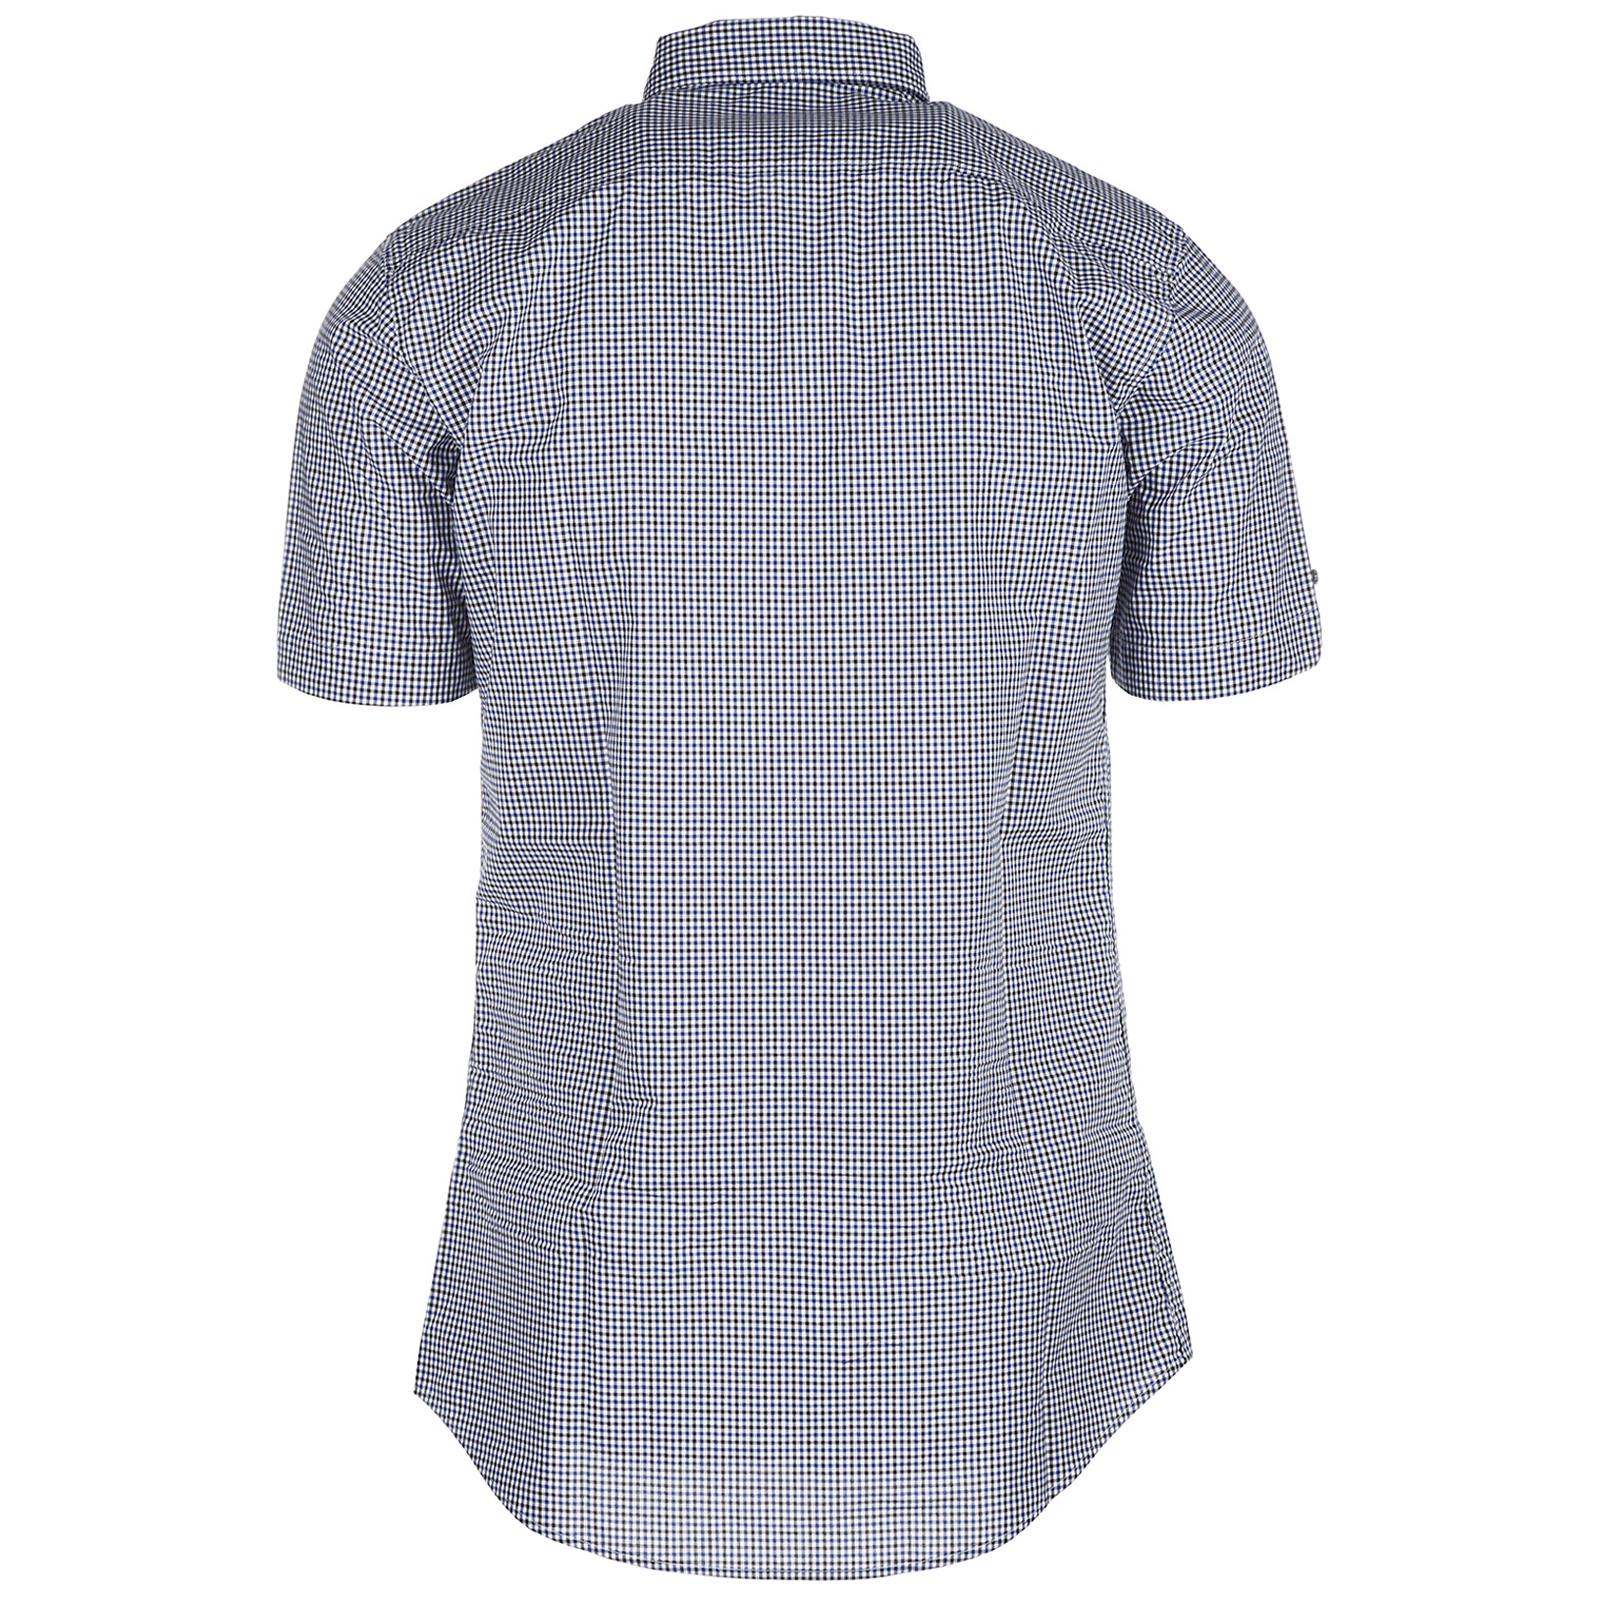 Herrenhemd kurzarmhemd herren t-shirt